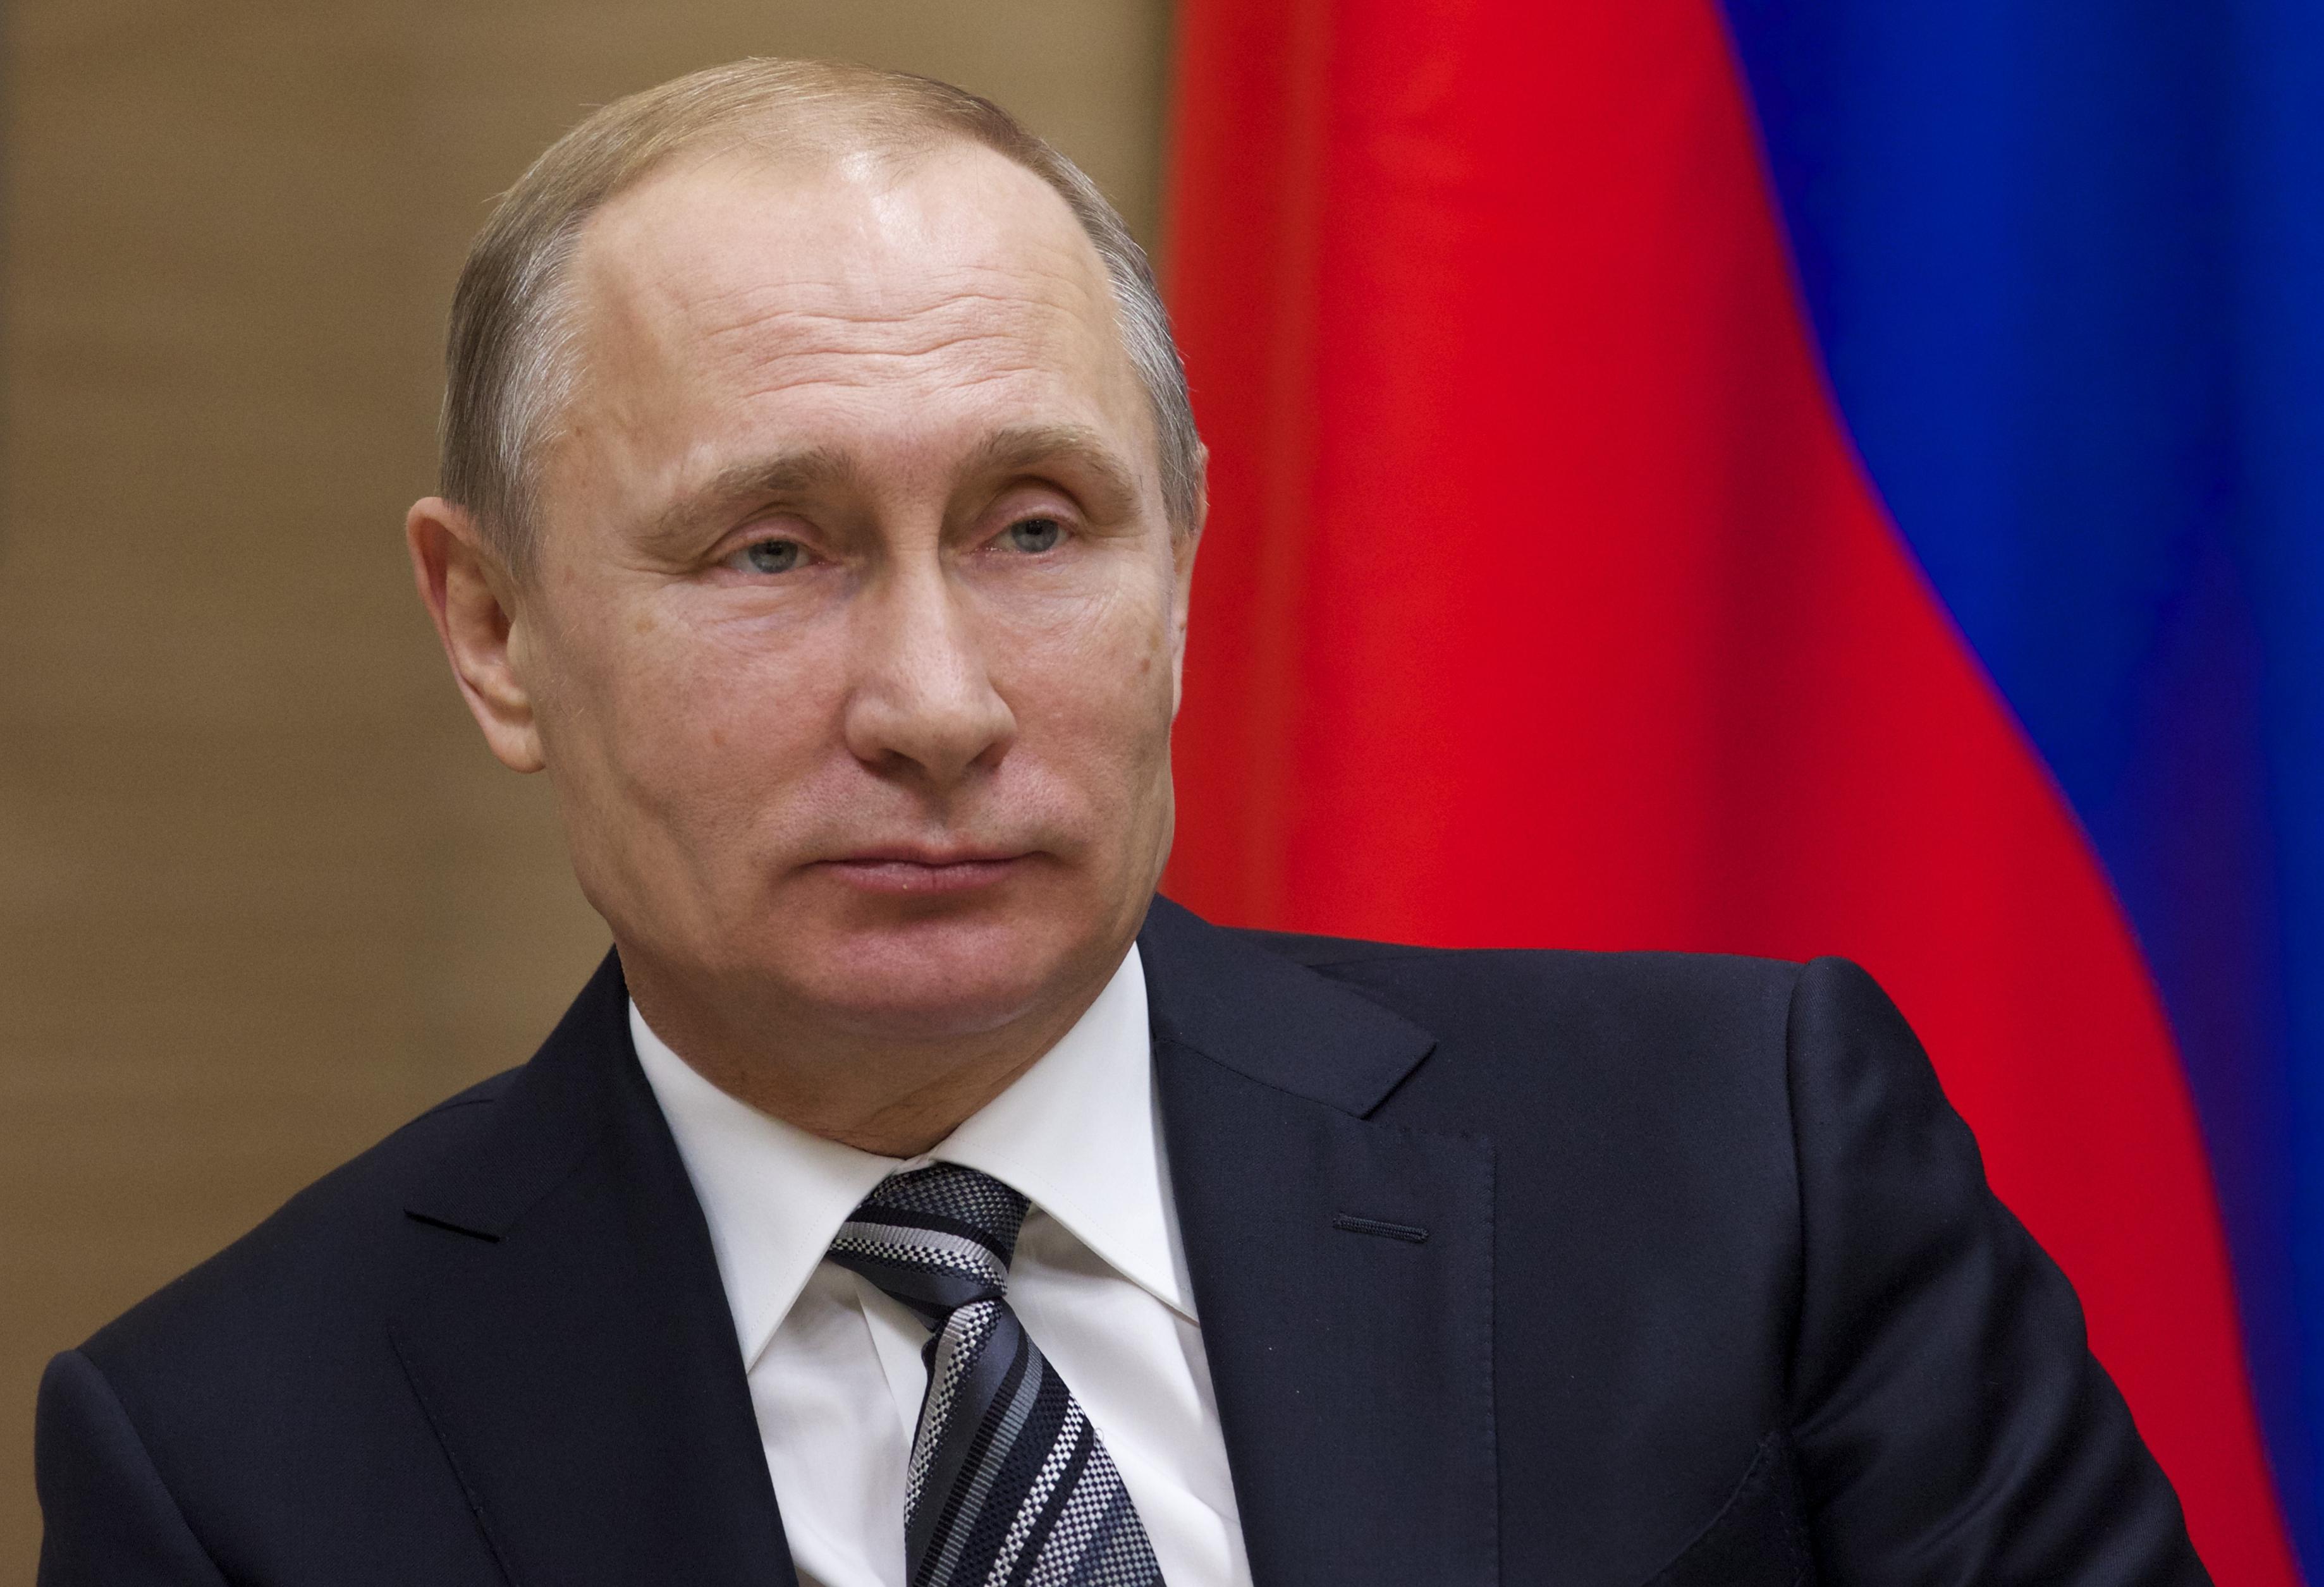 Președintele-rus-Vladimir-Putin-favoritul-absolut-al-cetățenilor-ruși-din-Transnistria-la-alegerile-prezidențiale-din-18-martie-2018